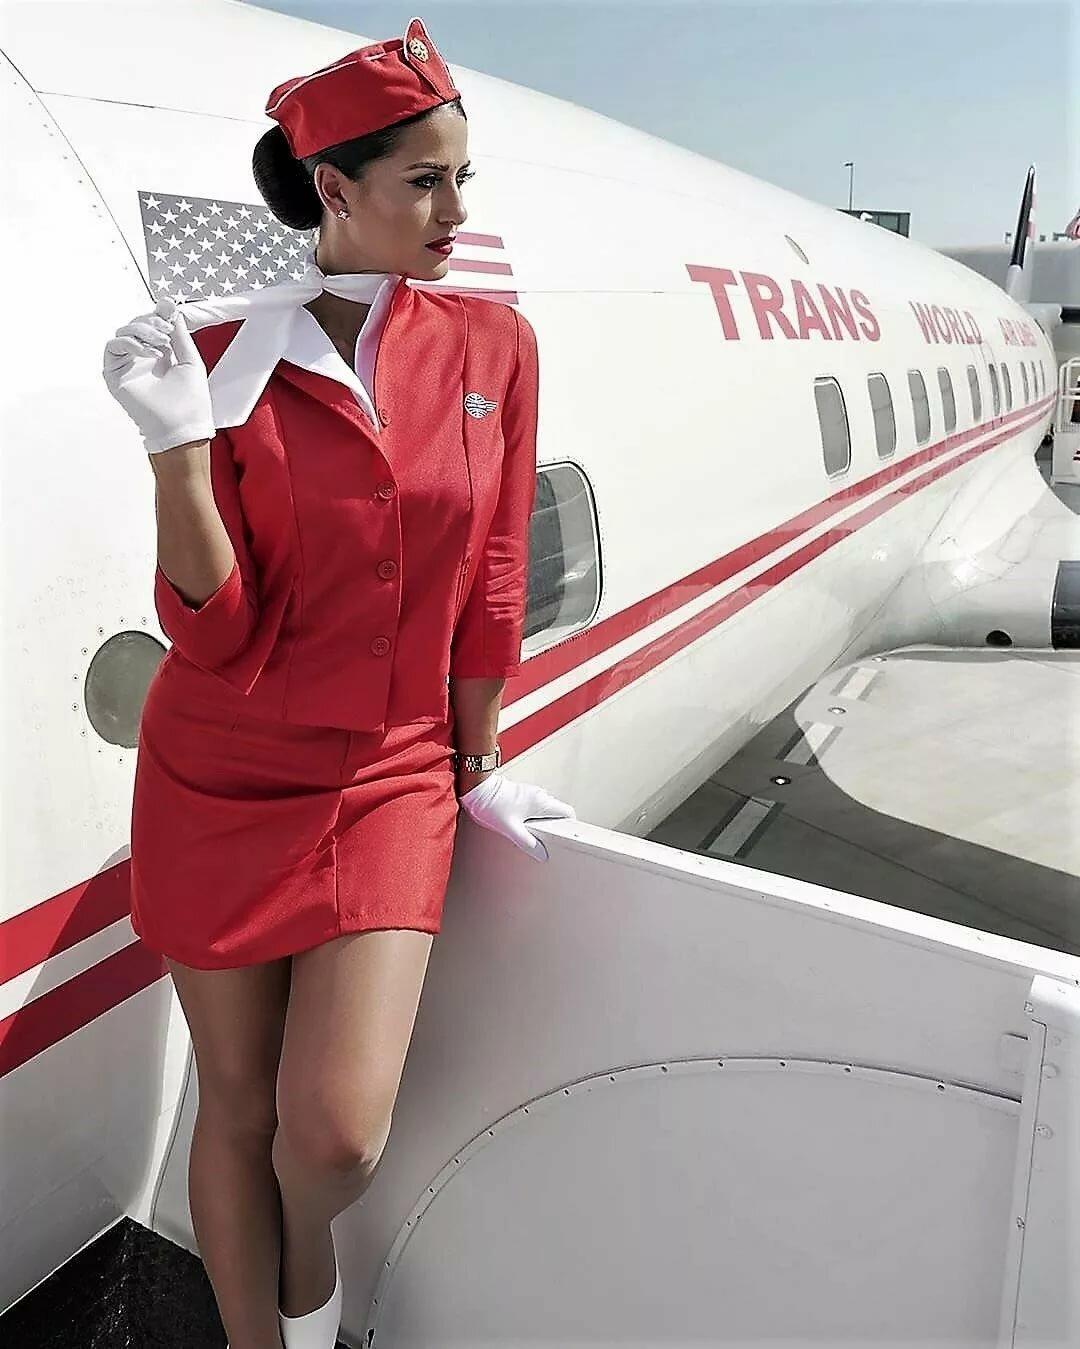 стюардессы суперджета фото бывает пленочным наносится